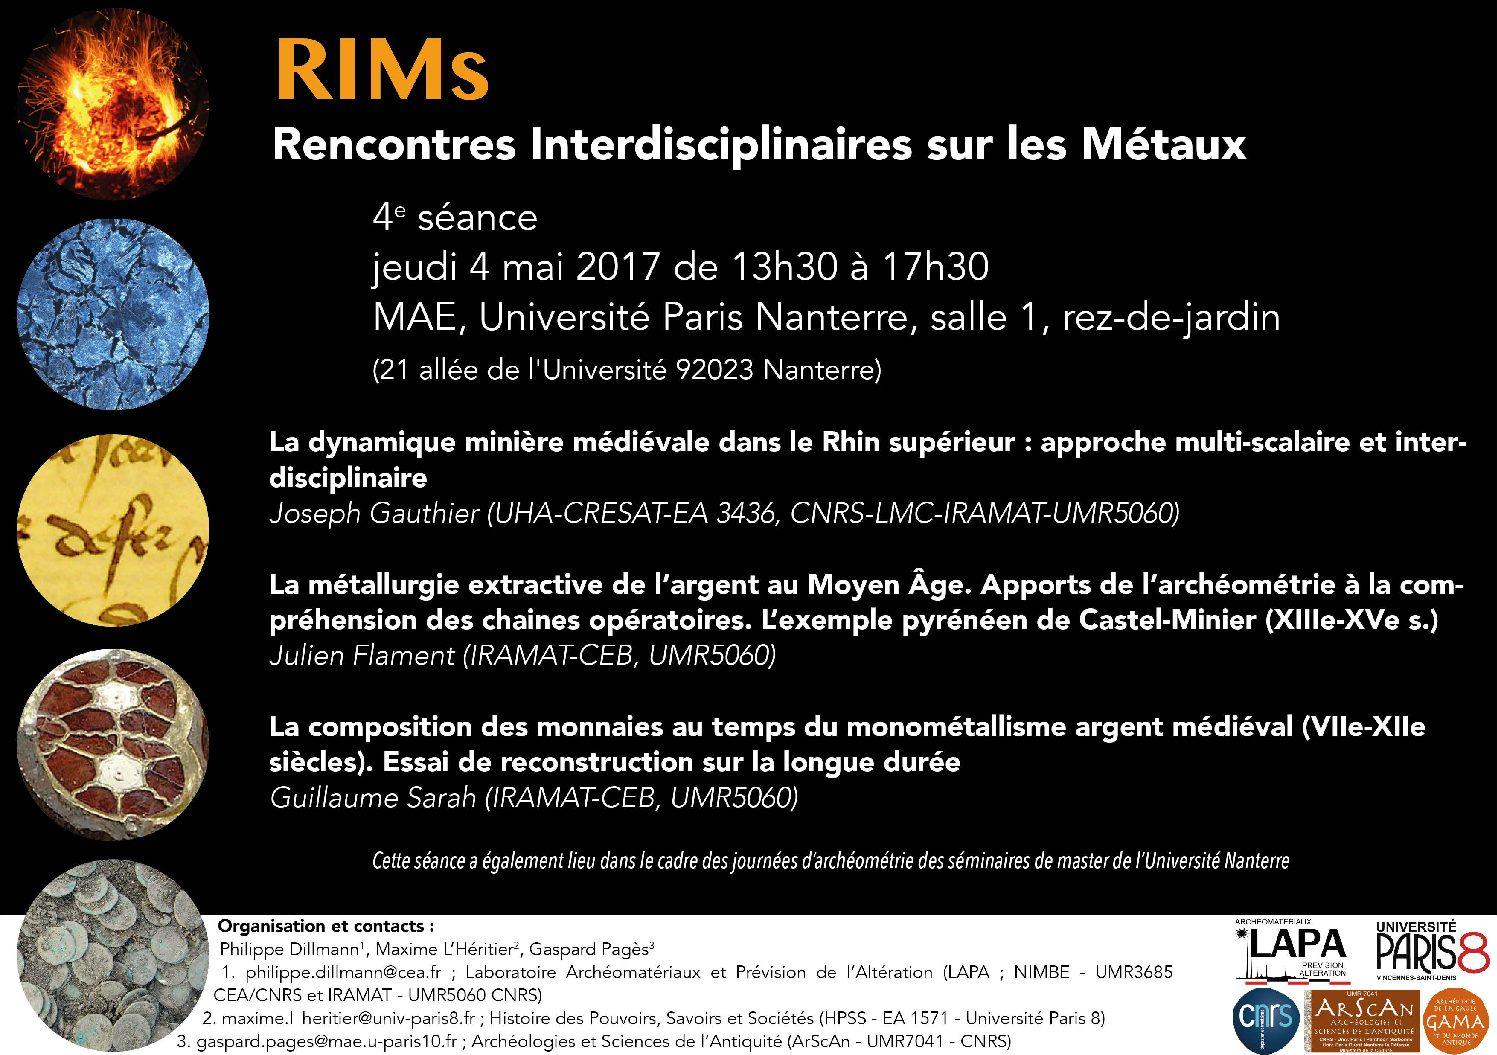 Rencontres Interdisciplinaires sur les Métaux (RIMs) – jeudi 4 mai 2017